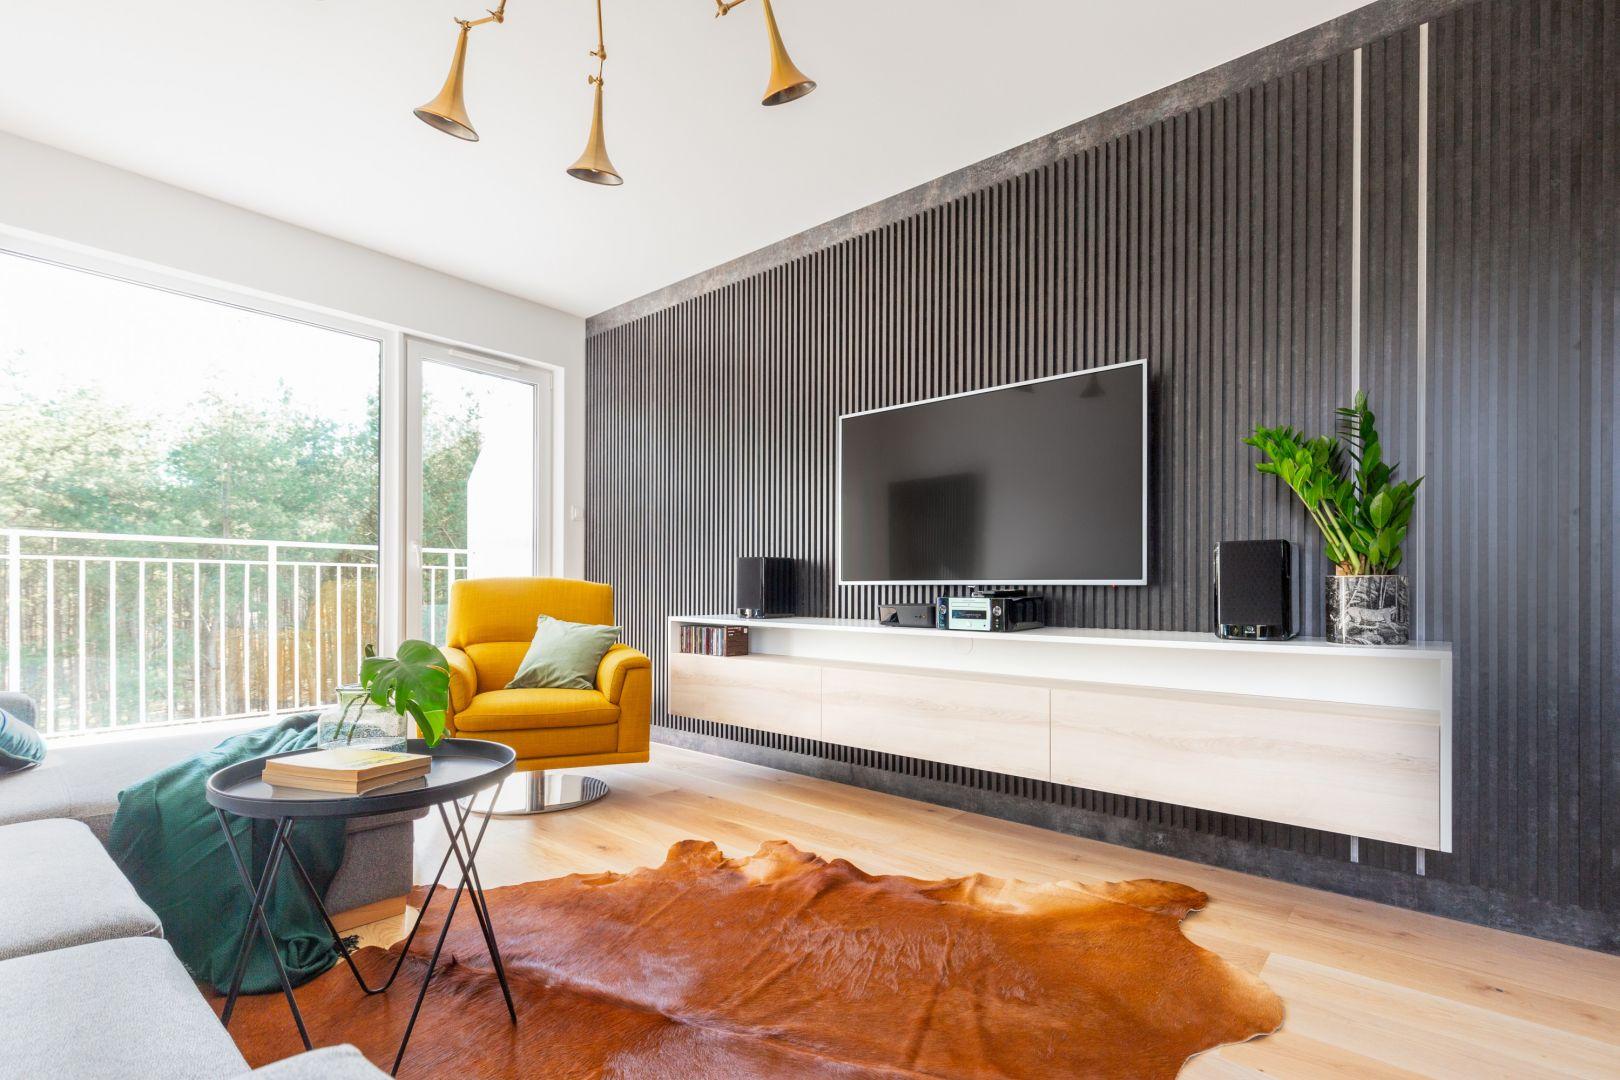 Z szerokiej palety kolorów, przy aranżacji salonu sami możemy jednak swobodnie wybierać te, które najlepiej odpowiadają naszym upodobaniom. Gama design współ Joanna Rej fot Pion Poziom